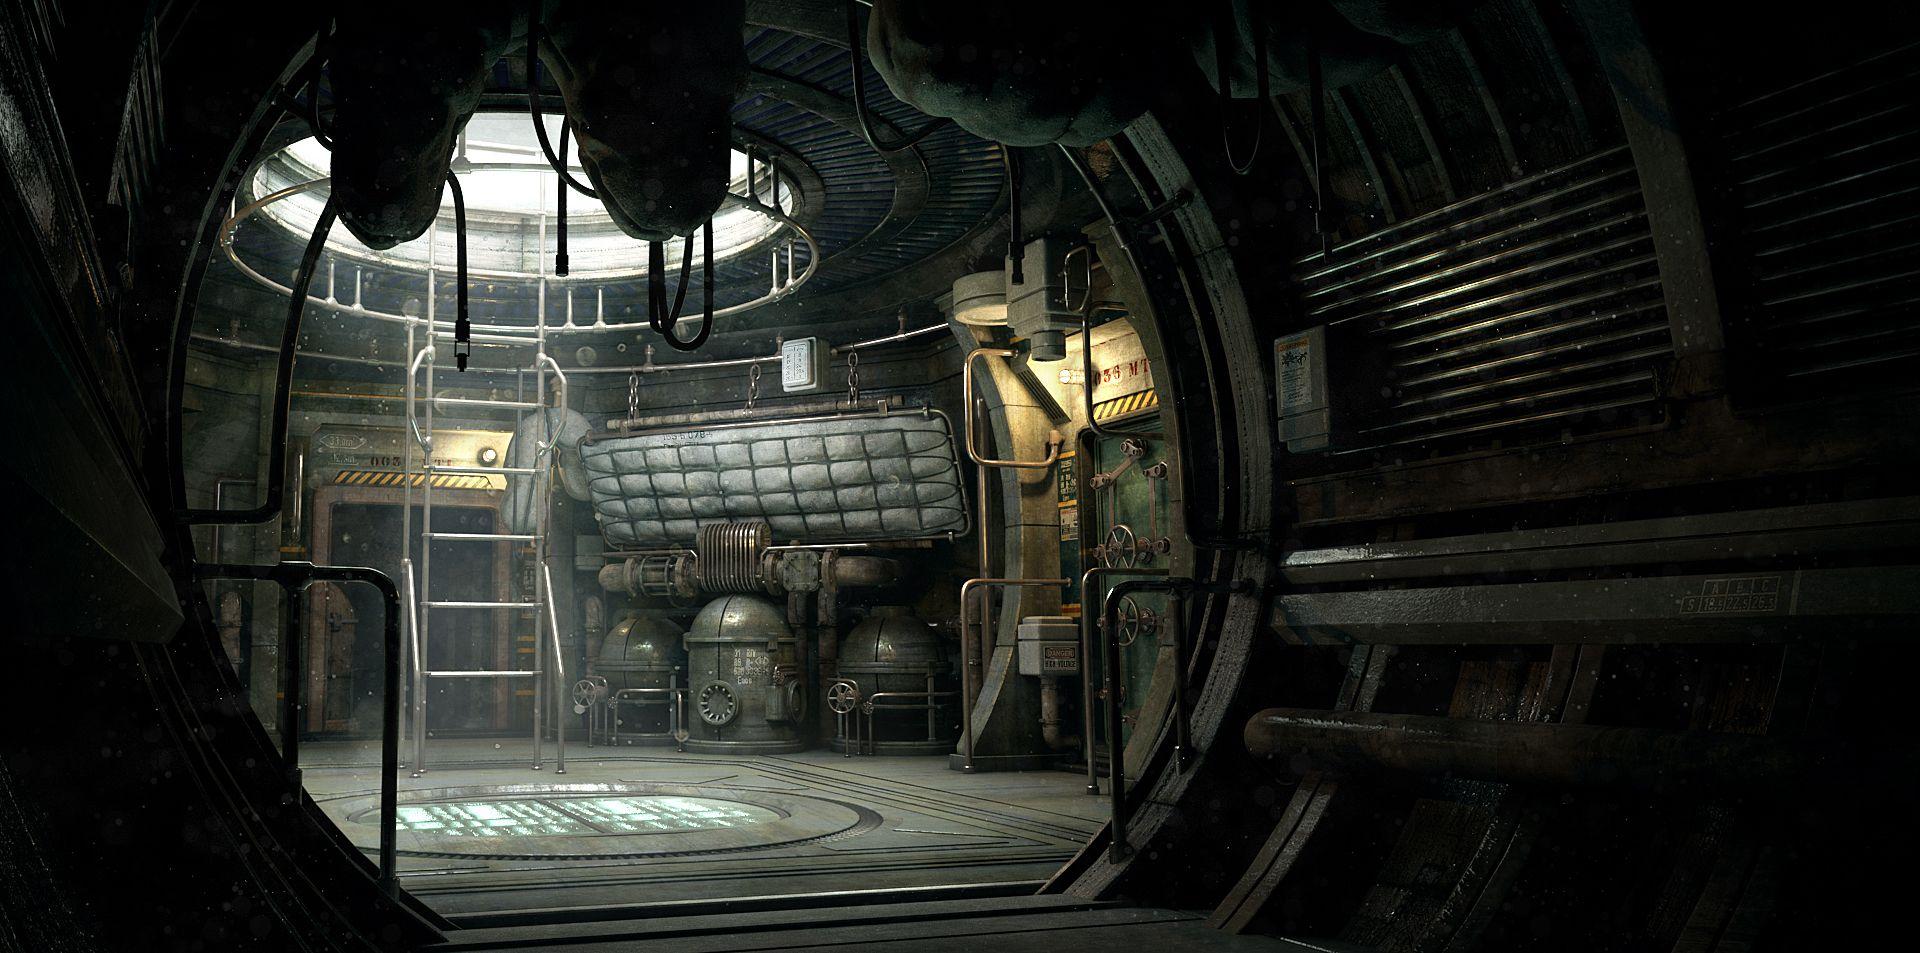 alien inside ship - HD1920×953